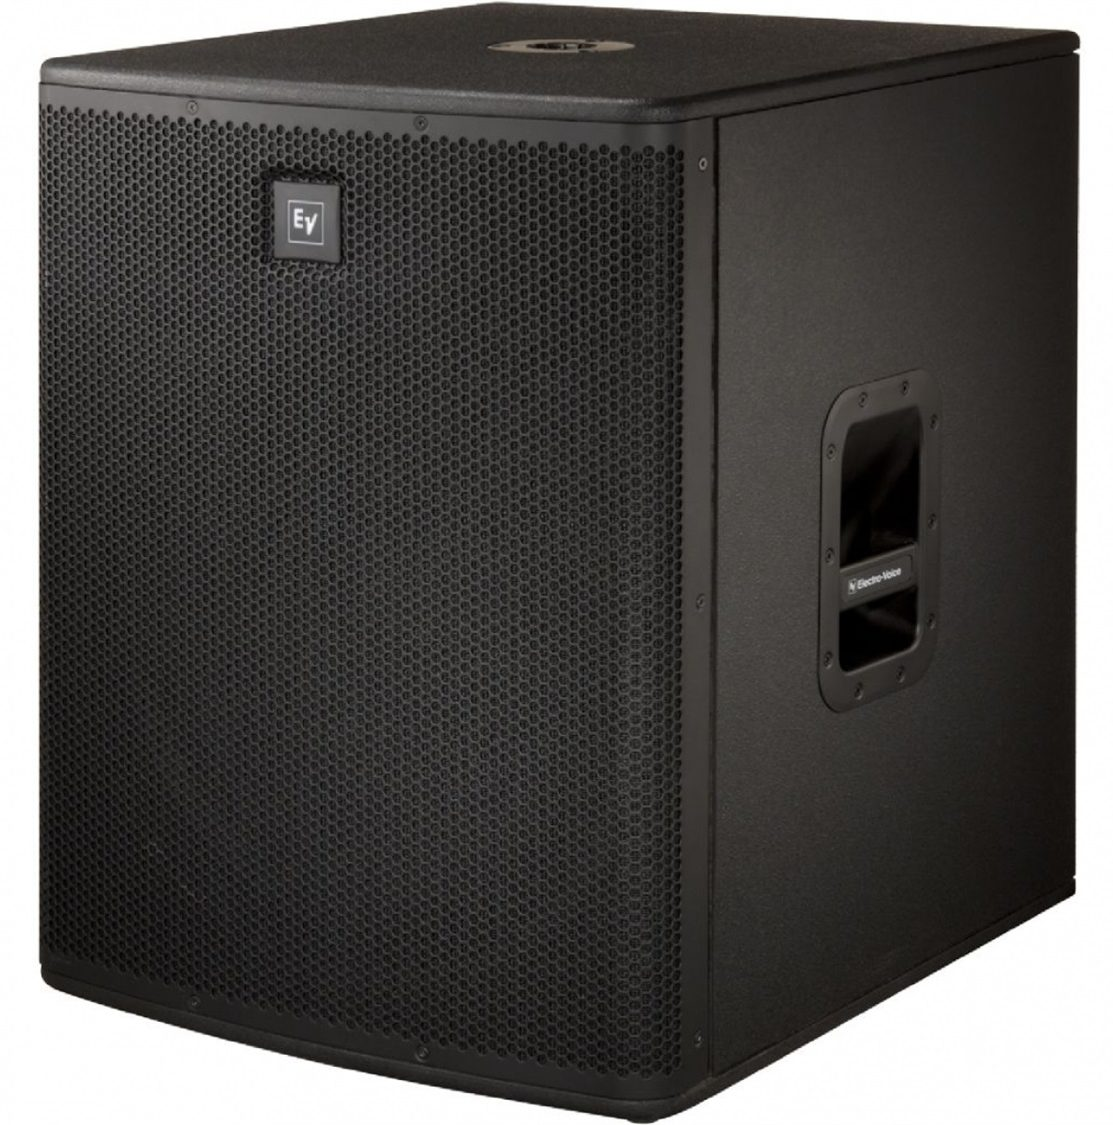 Subbas Electro Voice elx118p